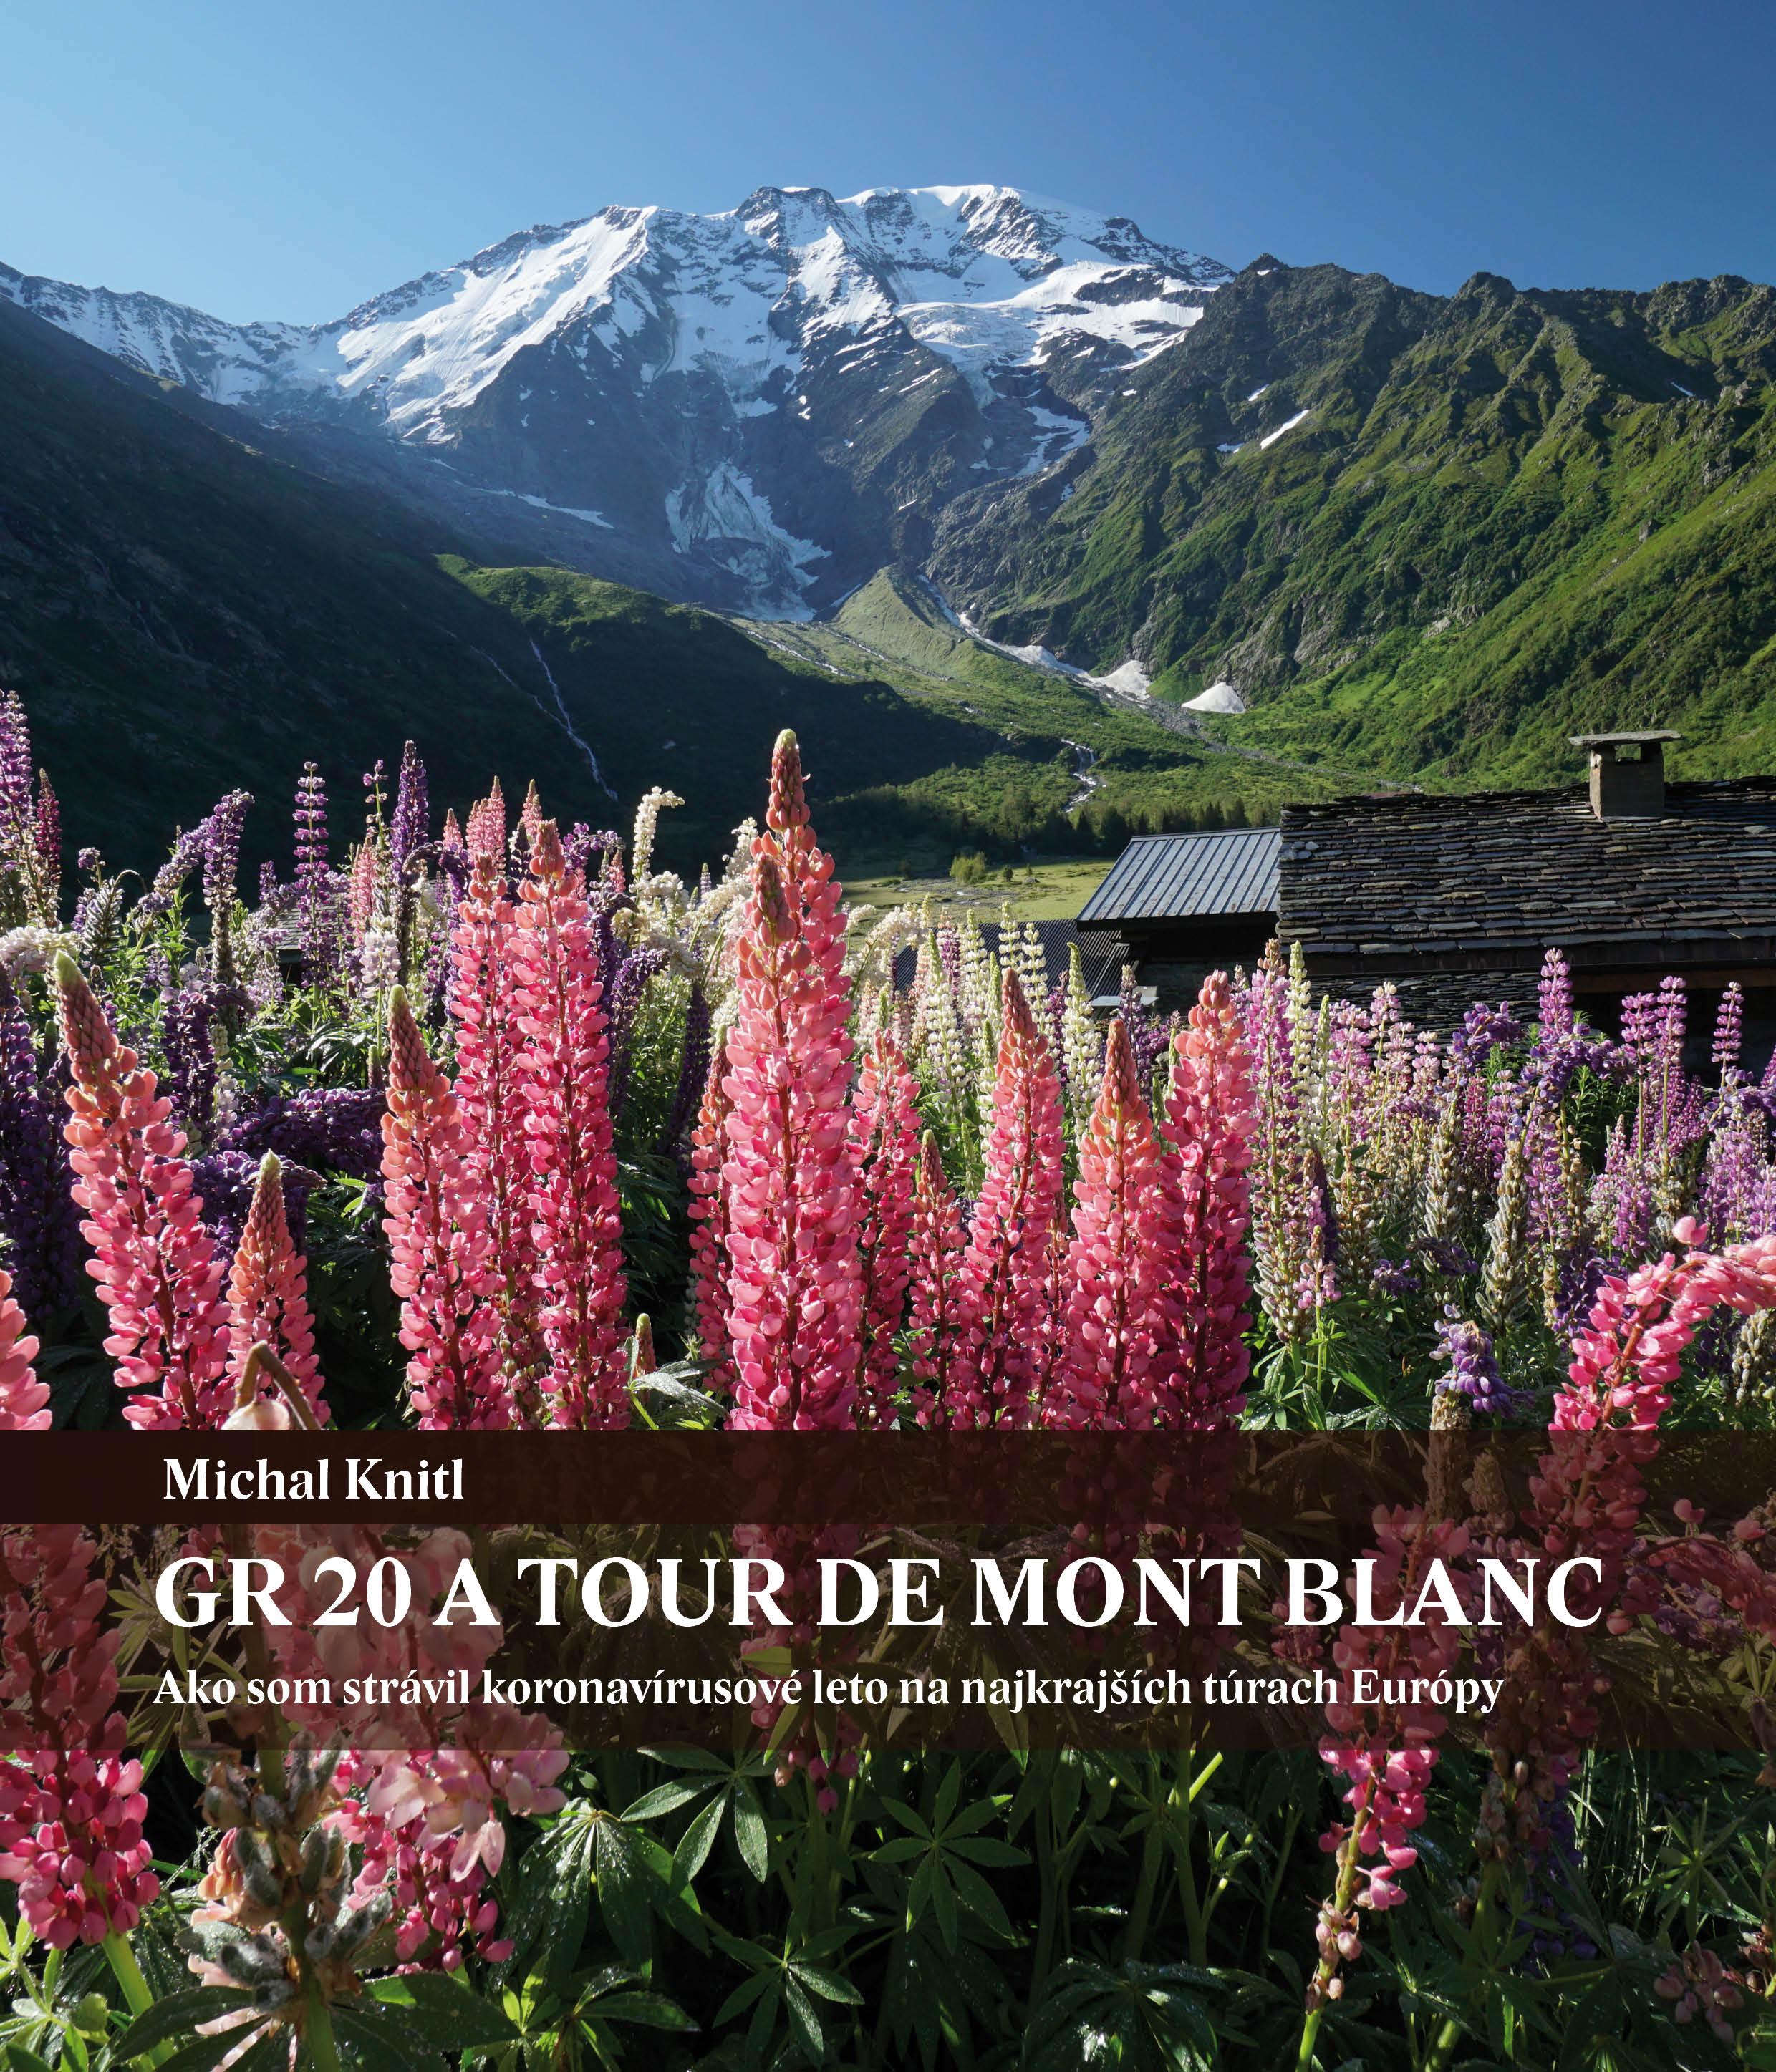 GR20 a Tour de Mont Blanc - EPUB